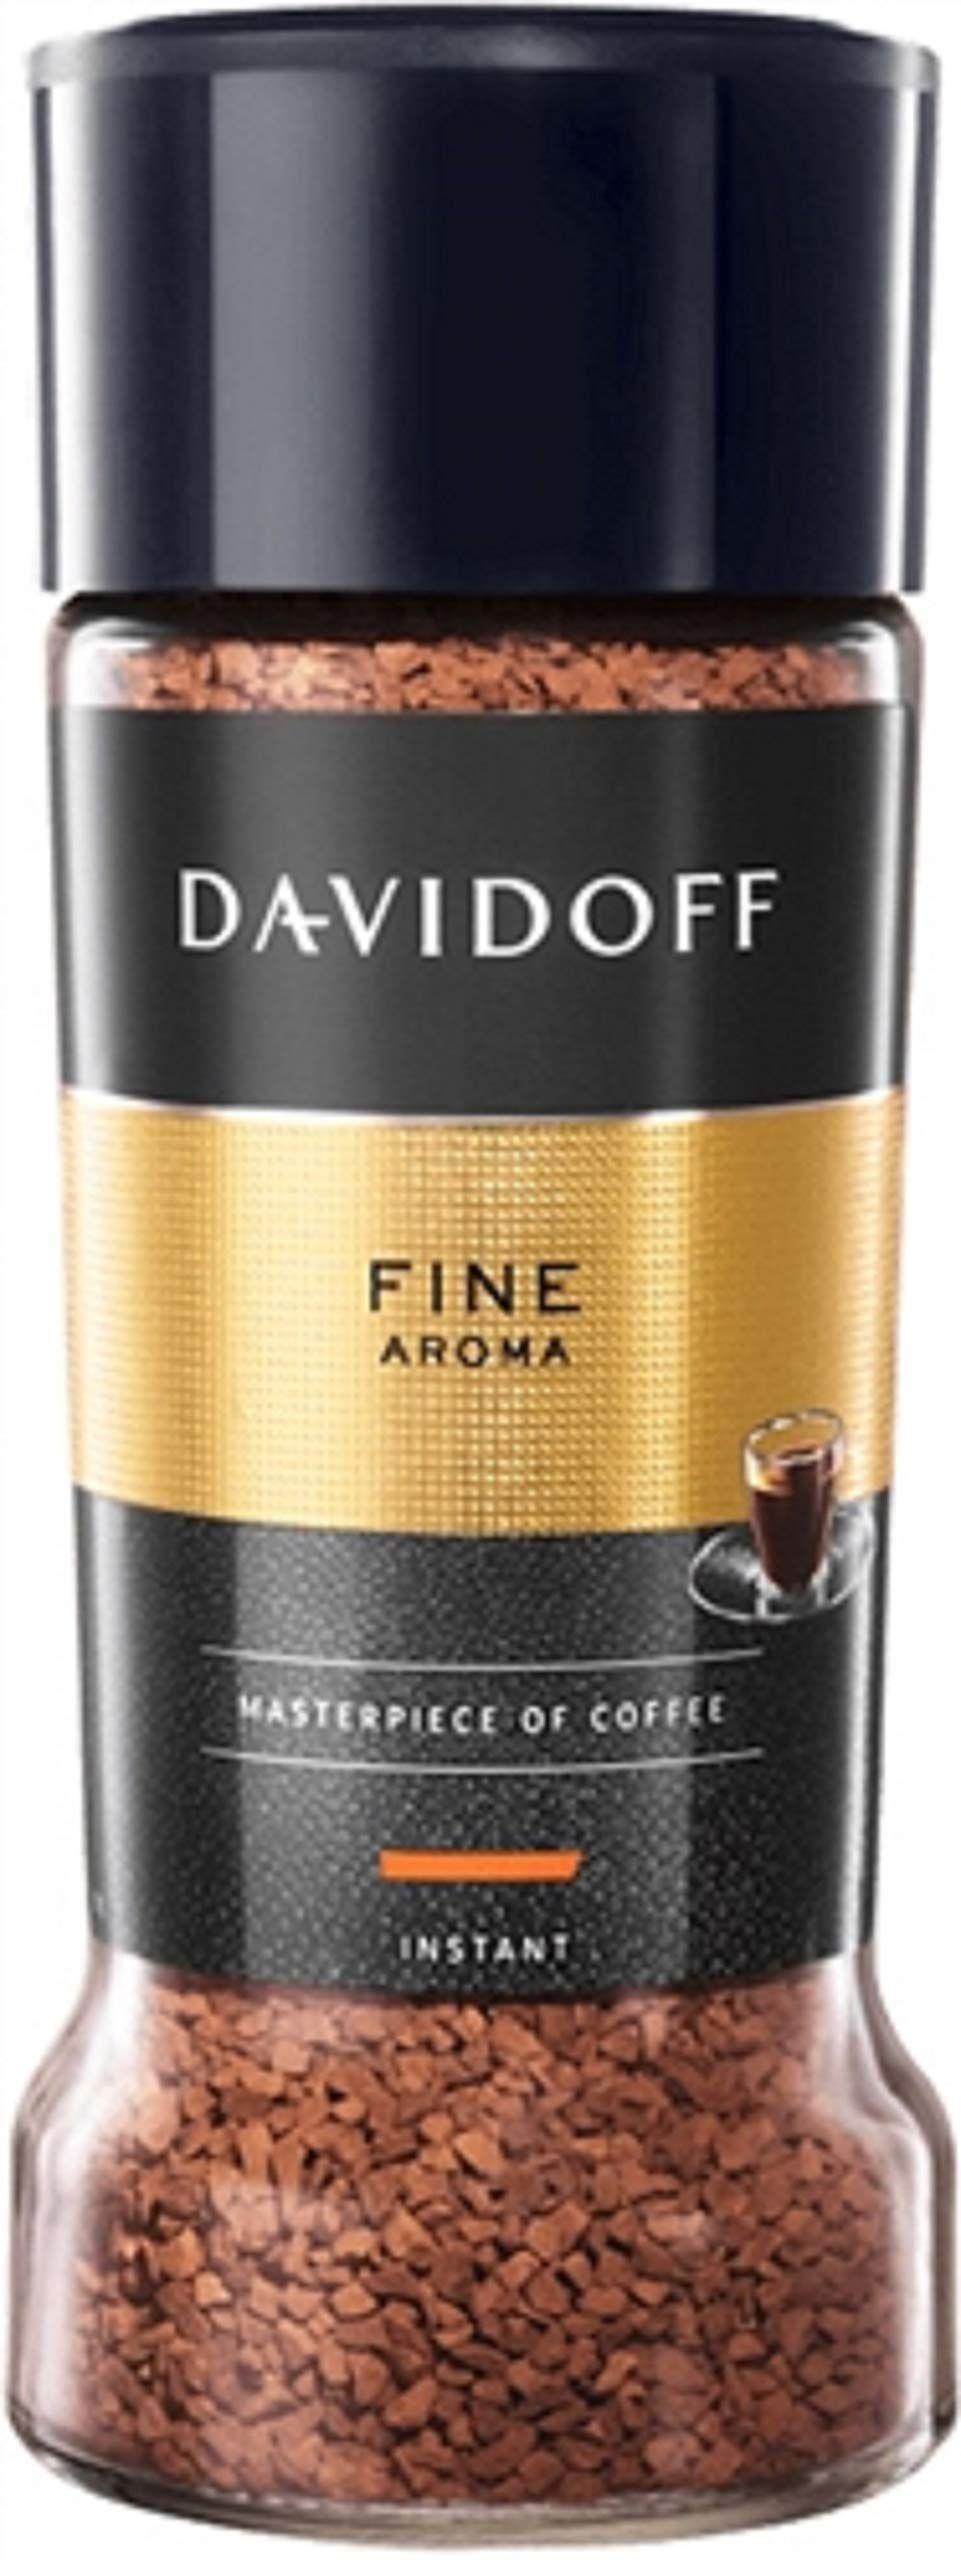 دافيدوف مقهى الجميلة رائحة البن القابل للذوبان و 100 جم Davidoff Cafe Fine Aroma Instant Coffee 100 Gm تشحن بواسطة امازون In 2020 Instant Coffee Aroma Premium Coffee